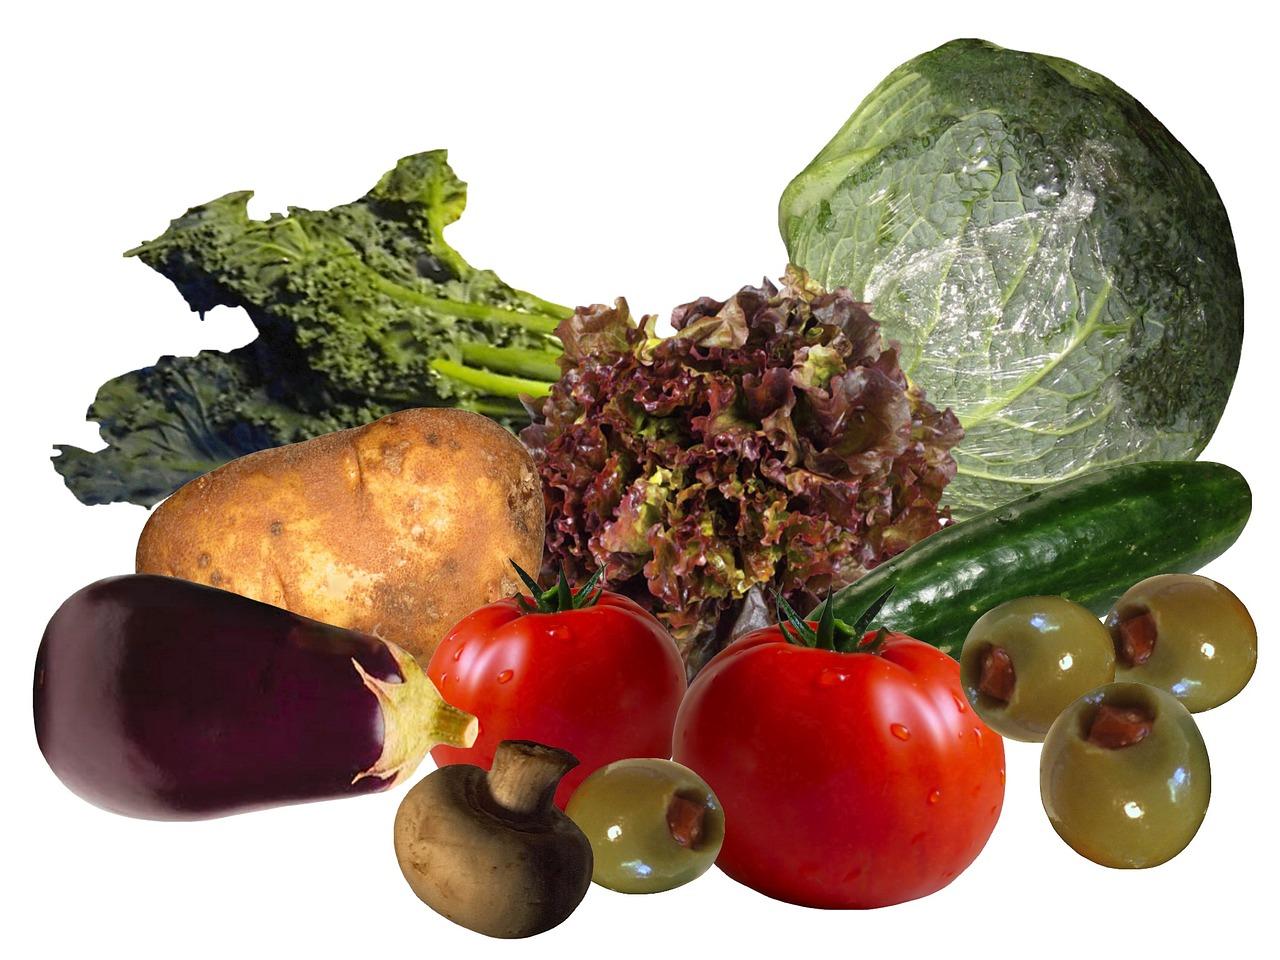 【家庭菜園入門】初心者にもお勧めの野菜・果物